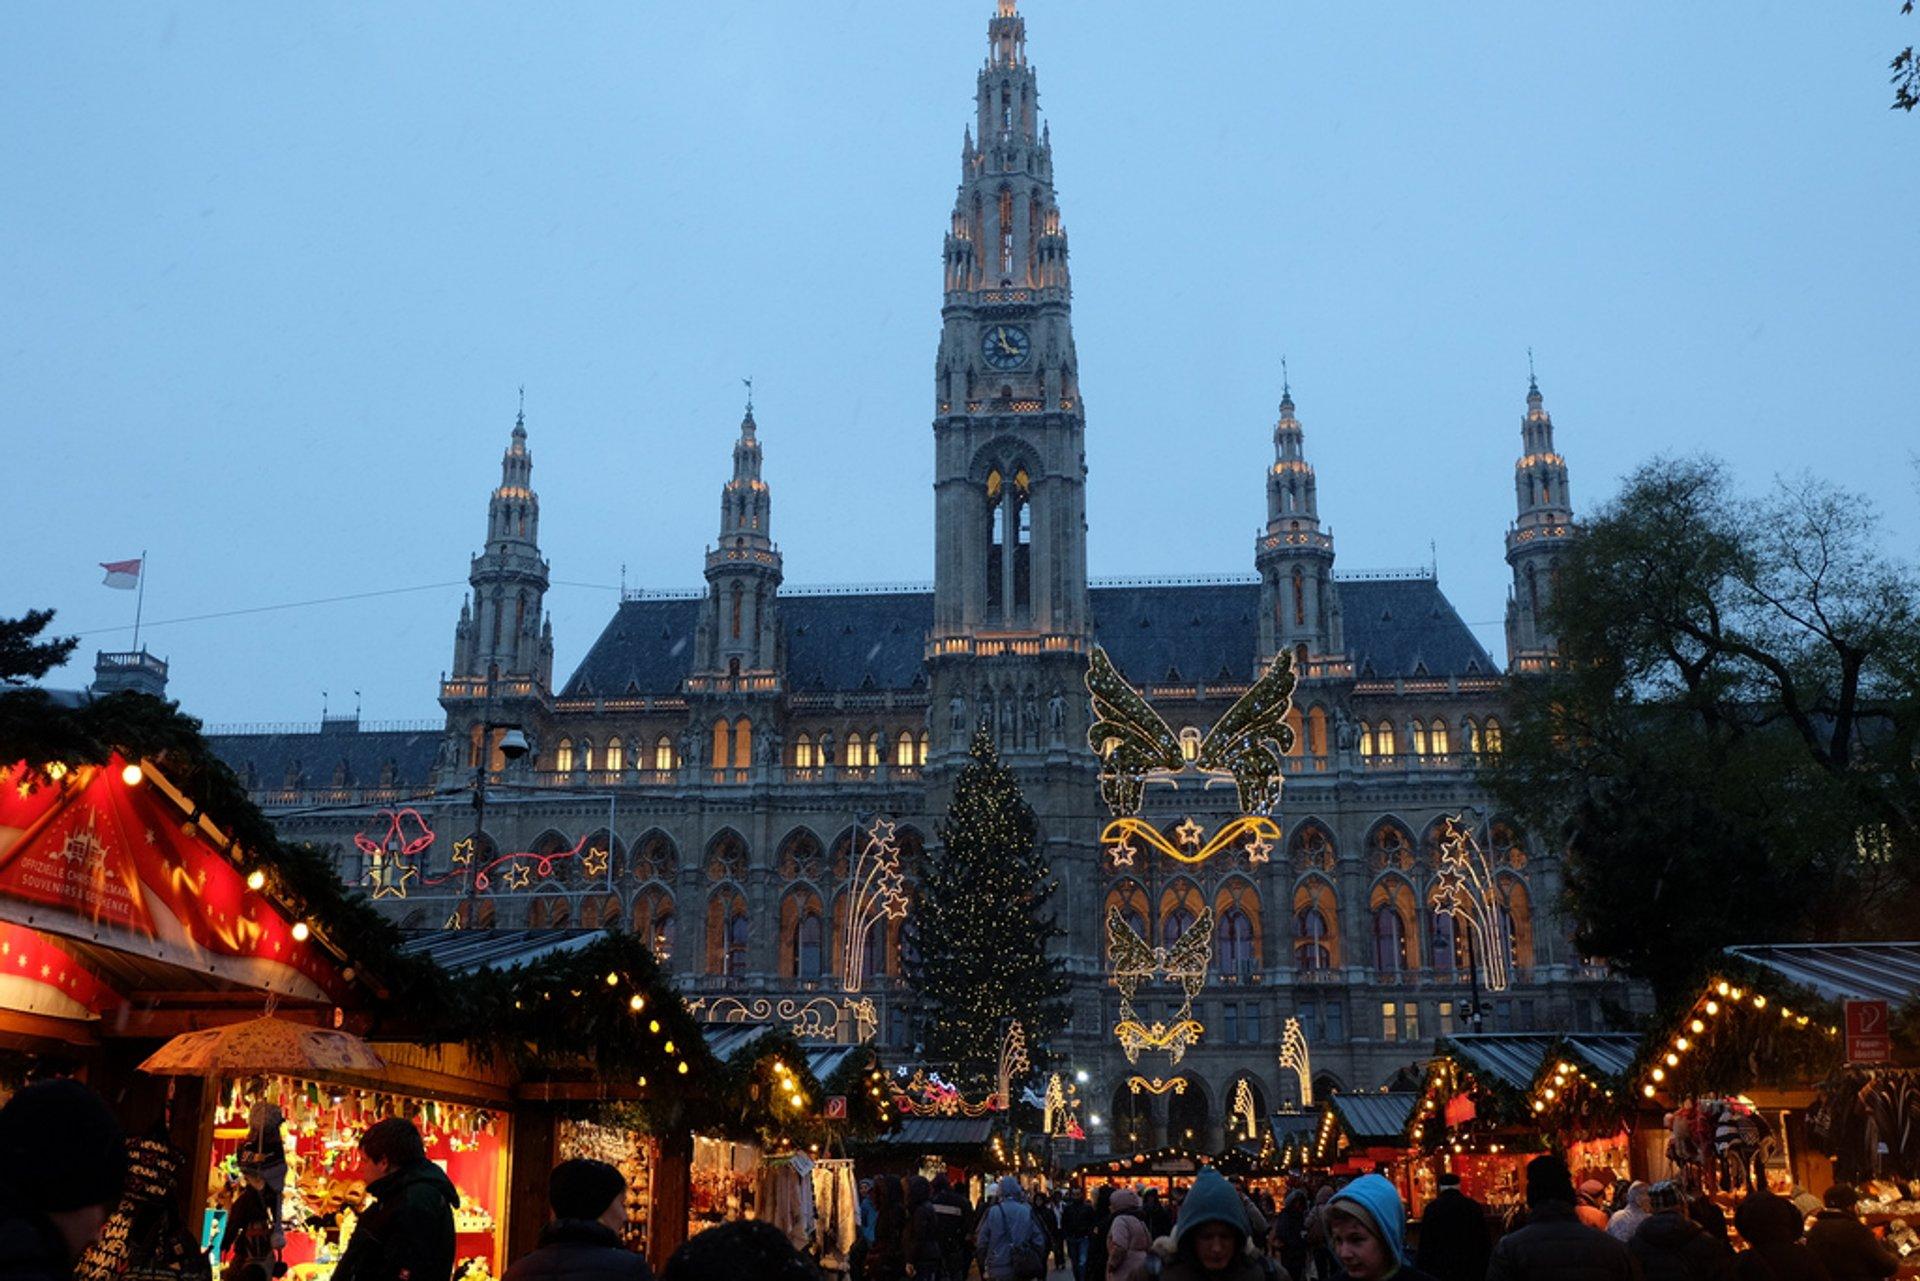 Christmas Markets (Weihnachtsmärkte) in Vienna 2019 - Best Time